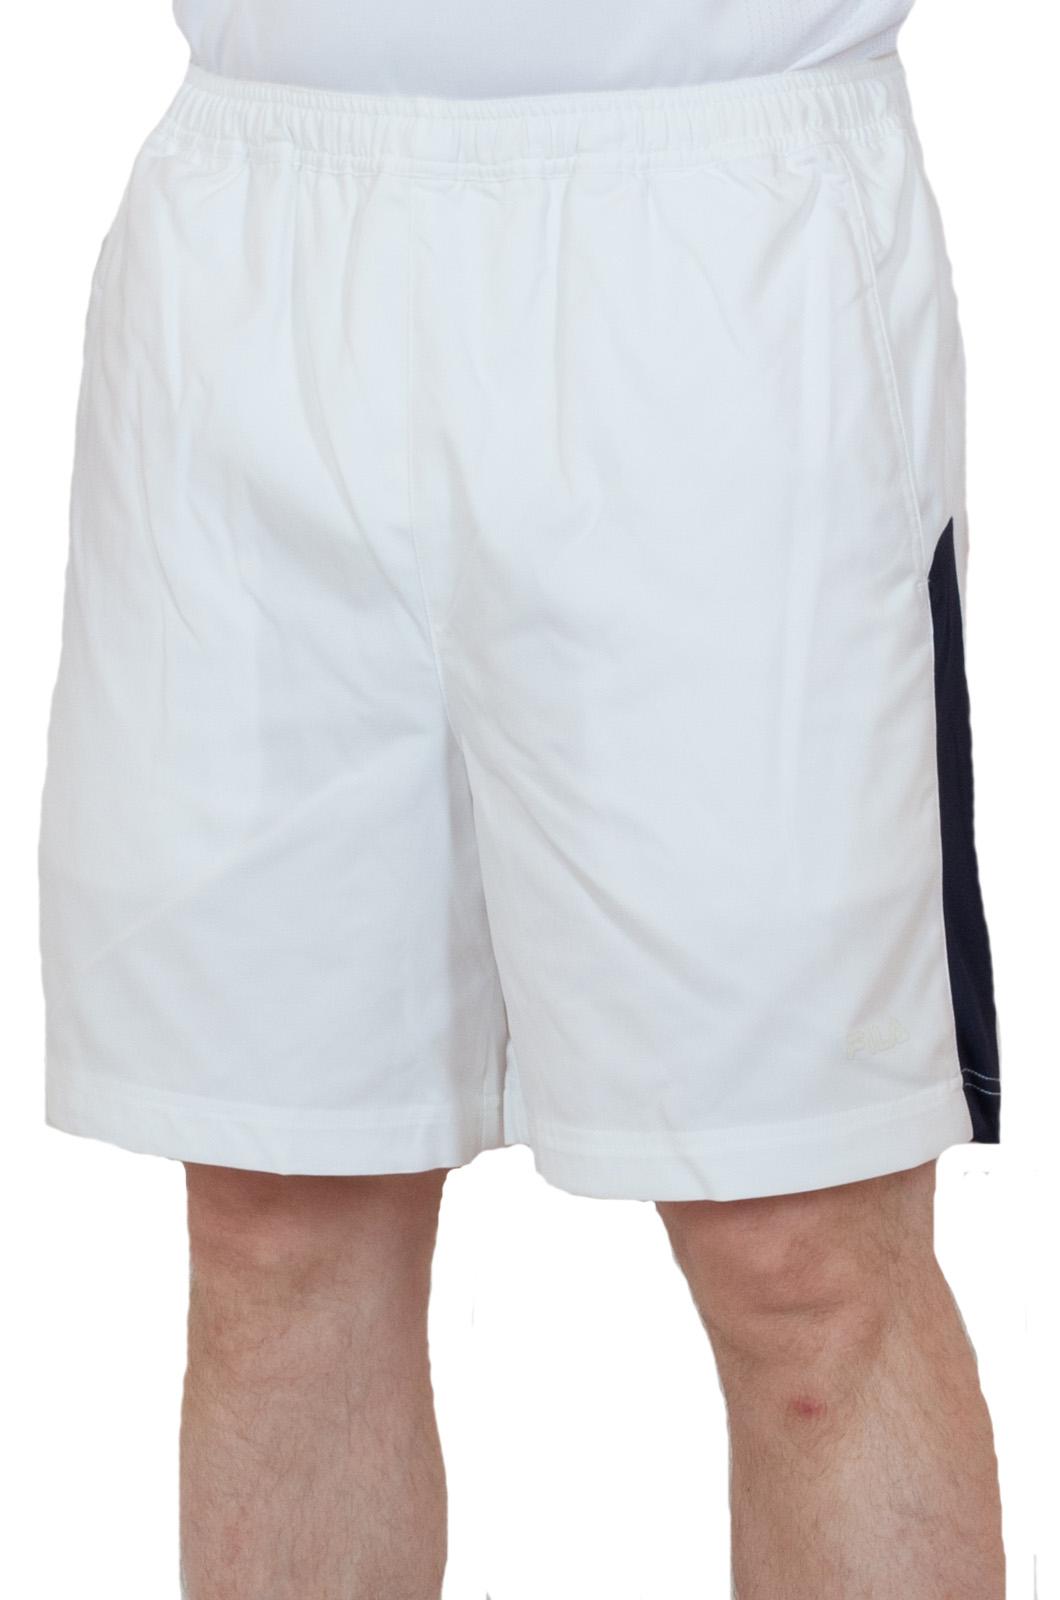 Белые теннисные шорты - вид спереди